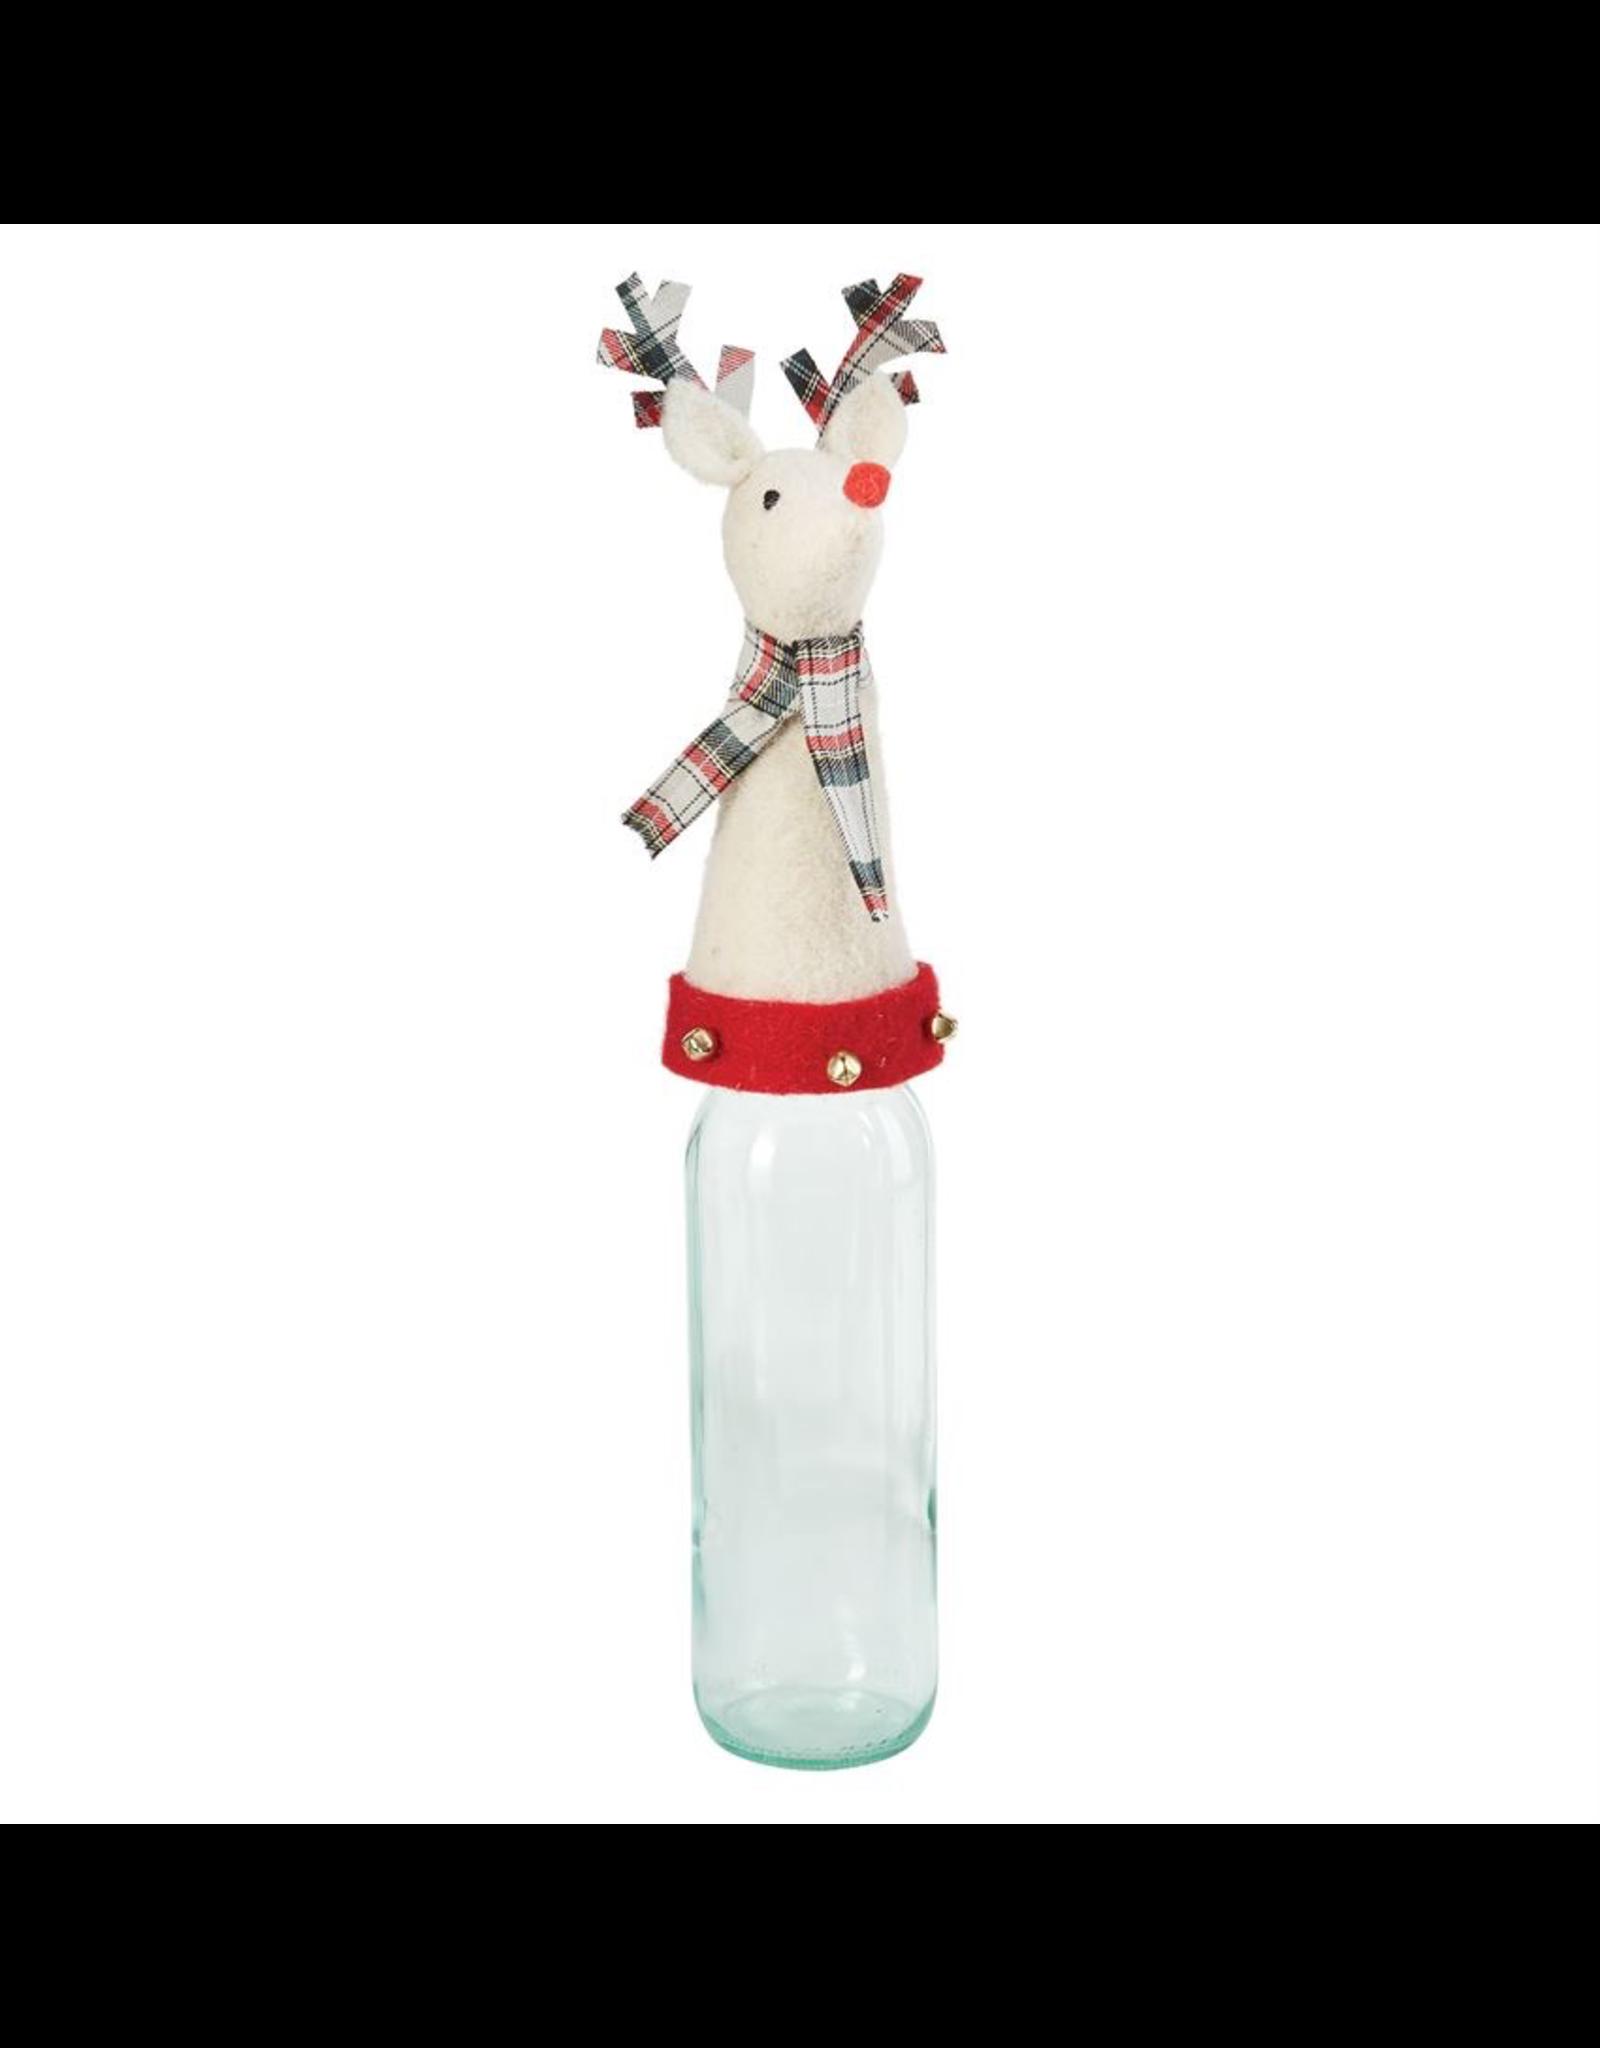 Mud Pie Reindeer Christmas Bottle Topper 9 Inch White Deer